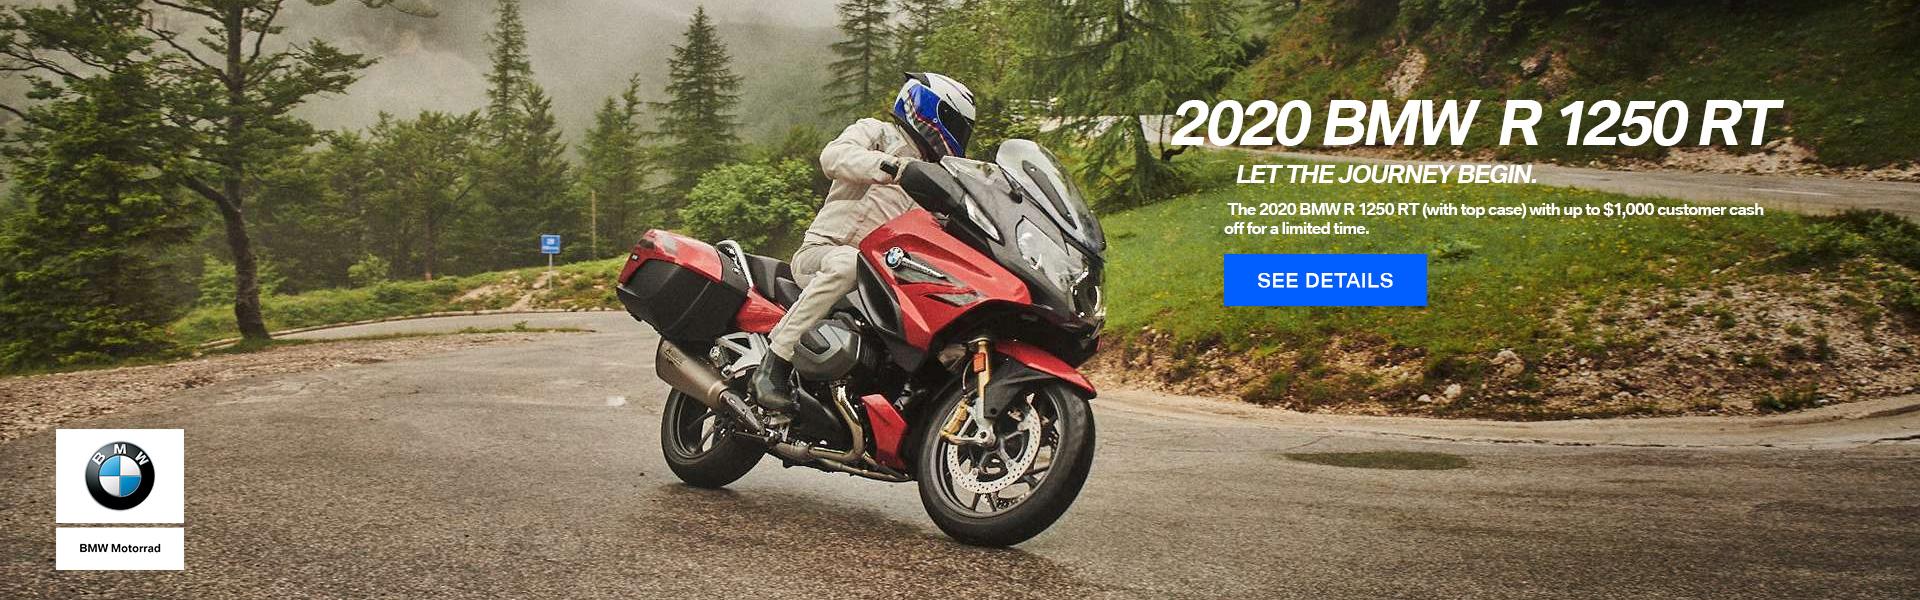 2020 BMW R 1250 RT + Top Case